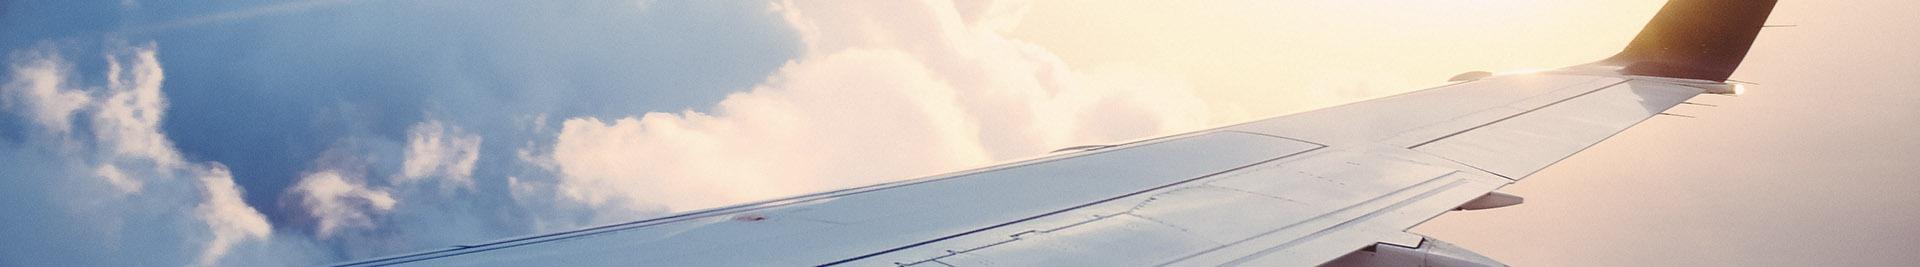 空运物流公司